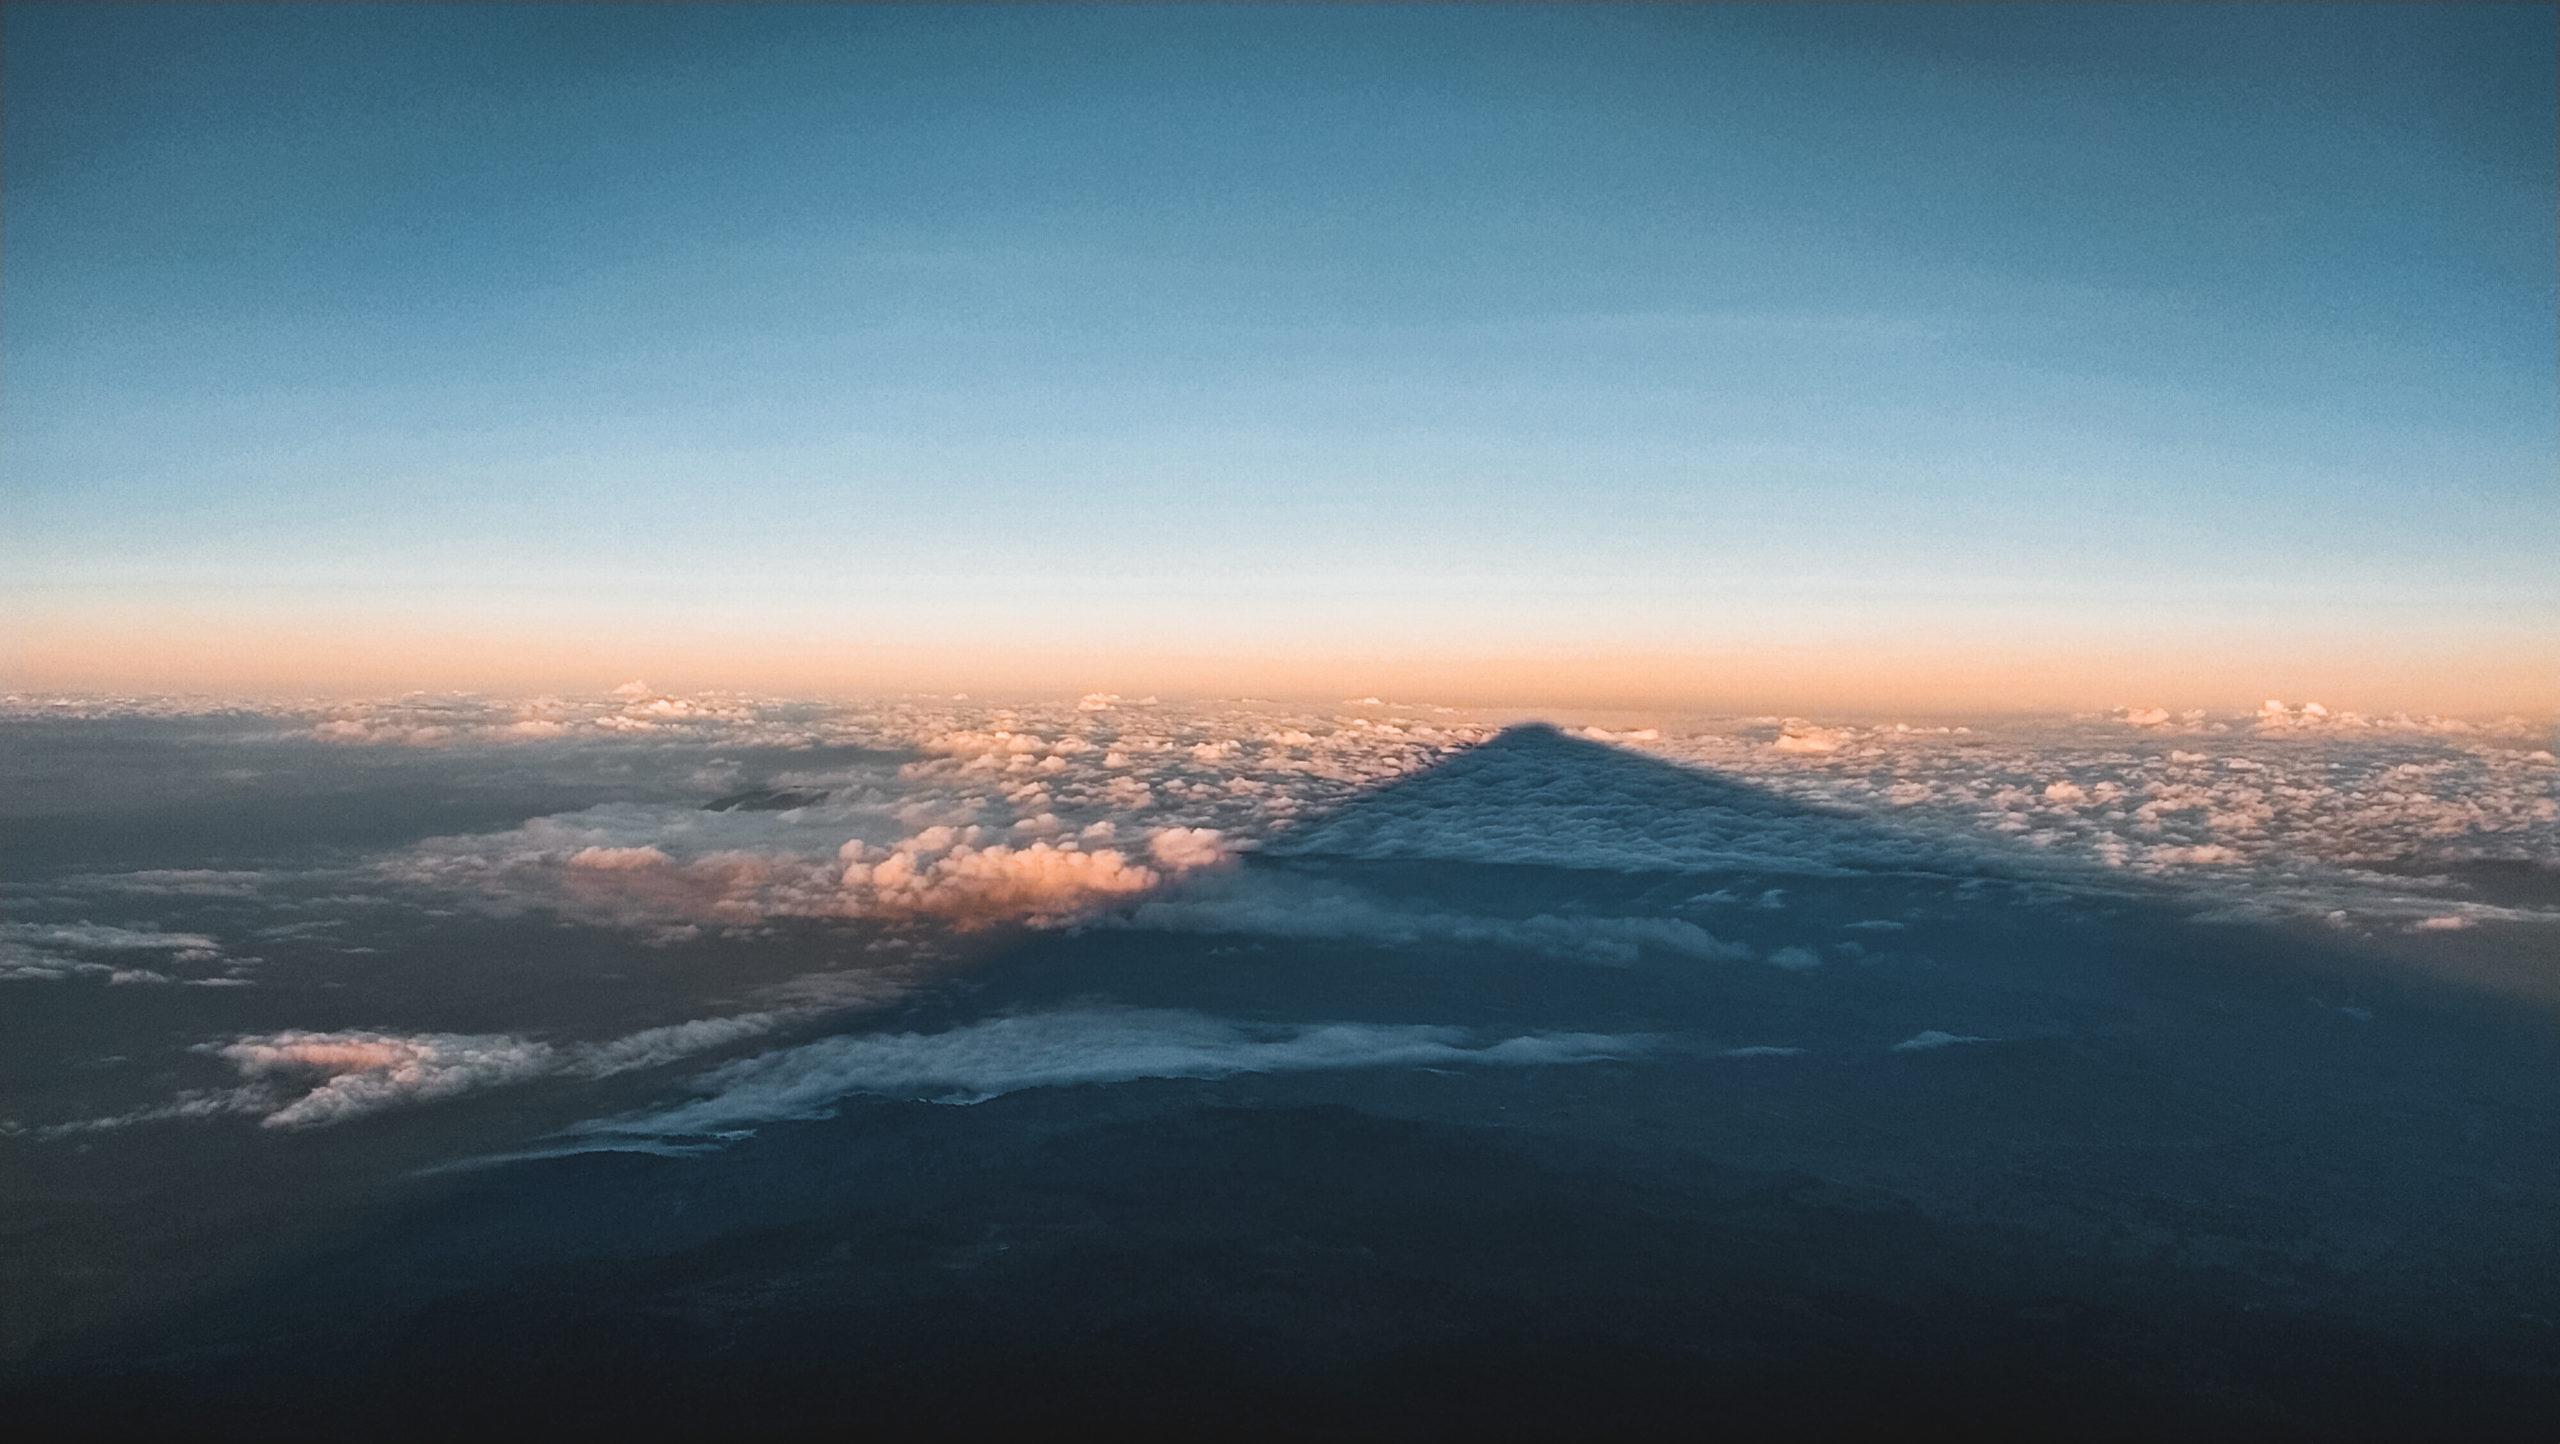 ascension randonnée mont meru tanzanie